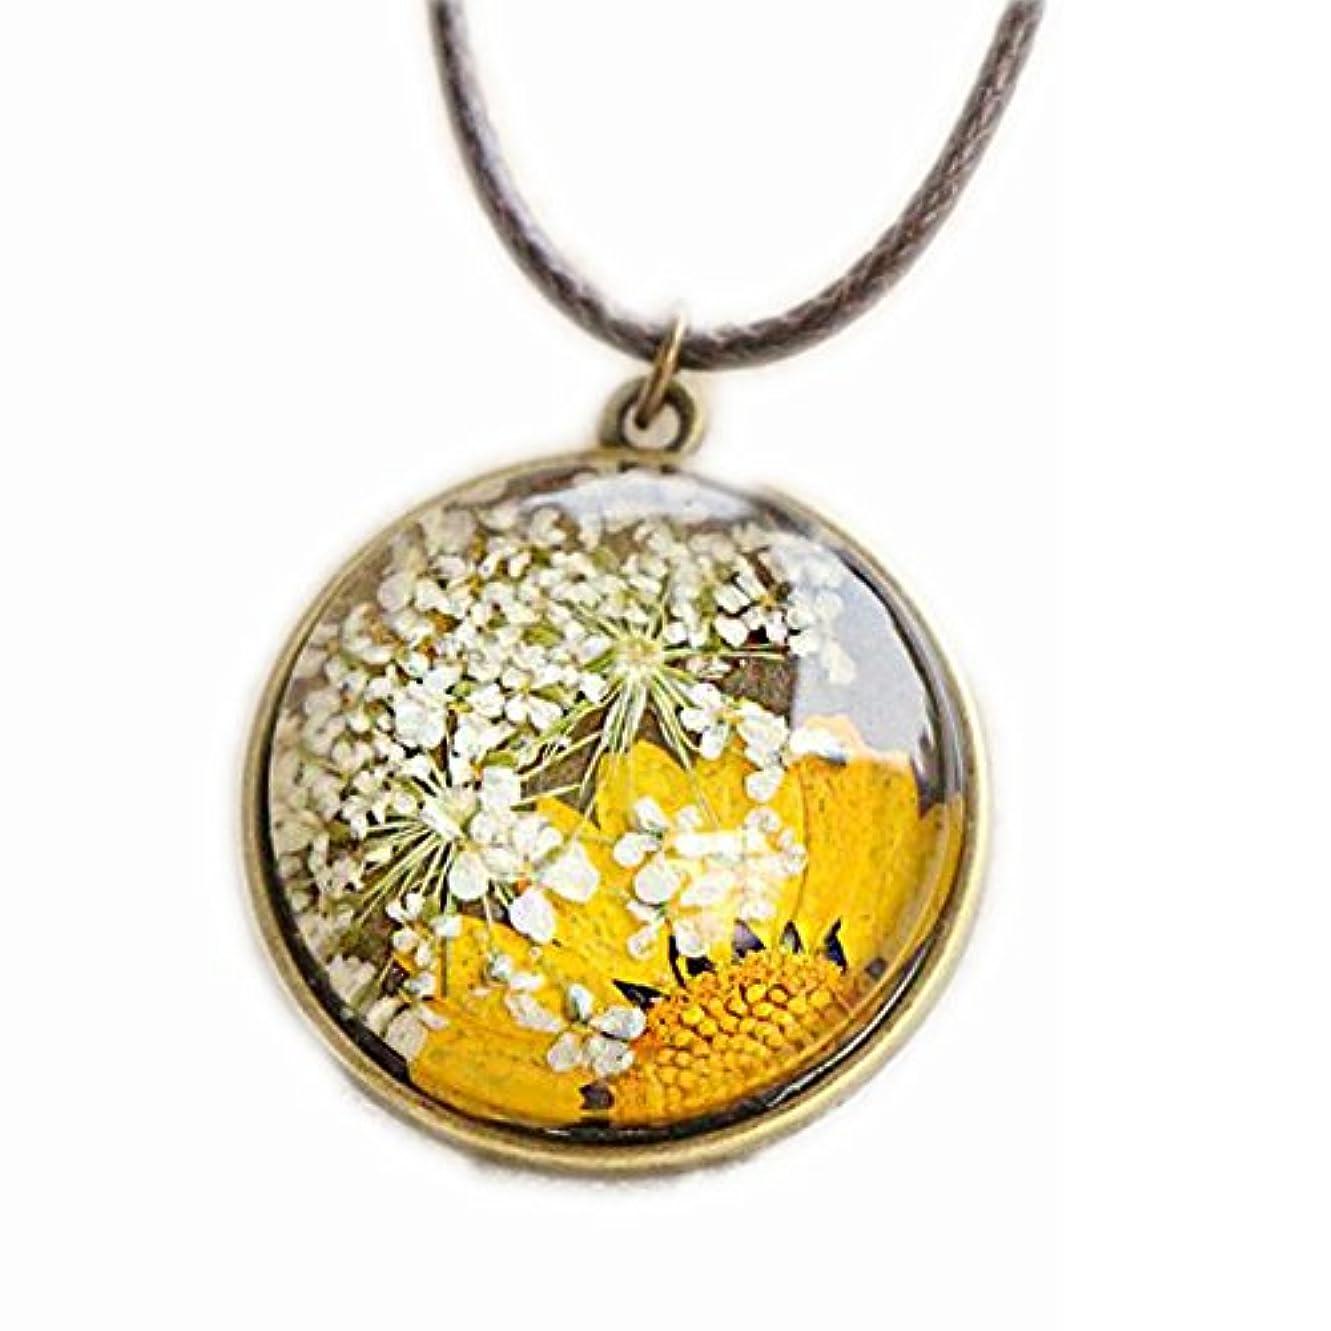 細菌報酬のフルート衣類のための2つの良い乾燥した花のペンダントネックレスの良い装飾のセット